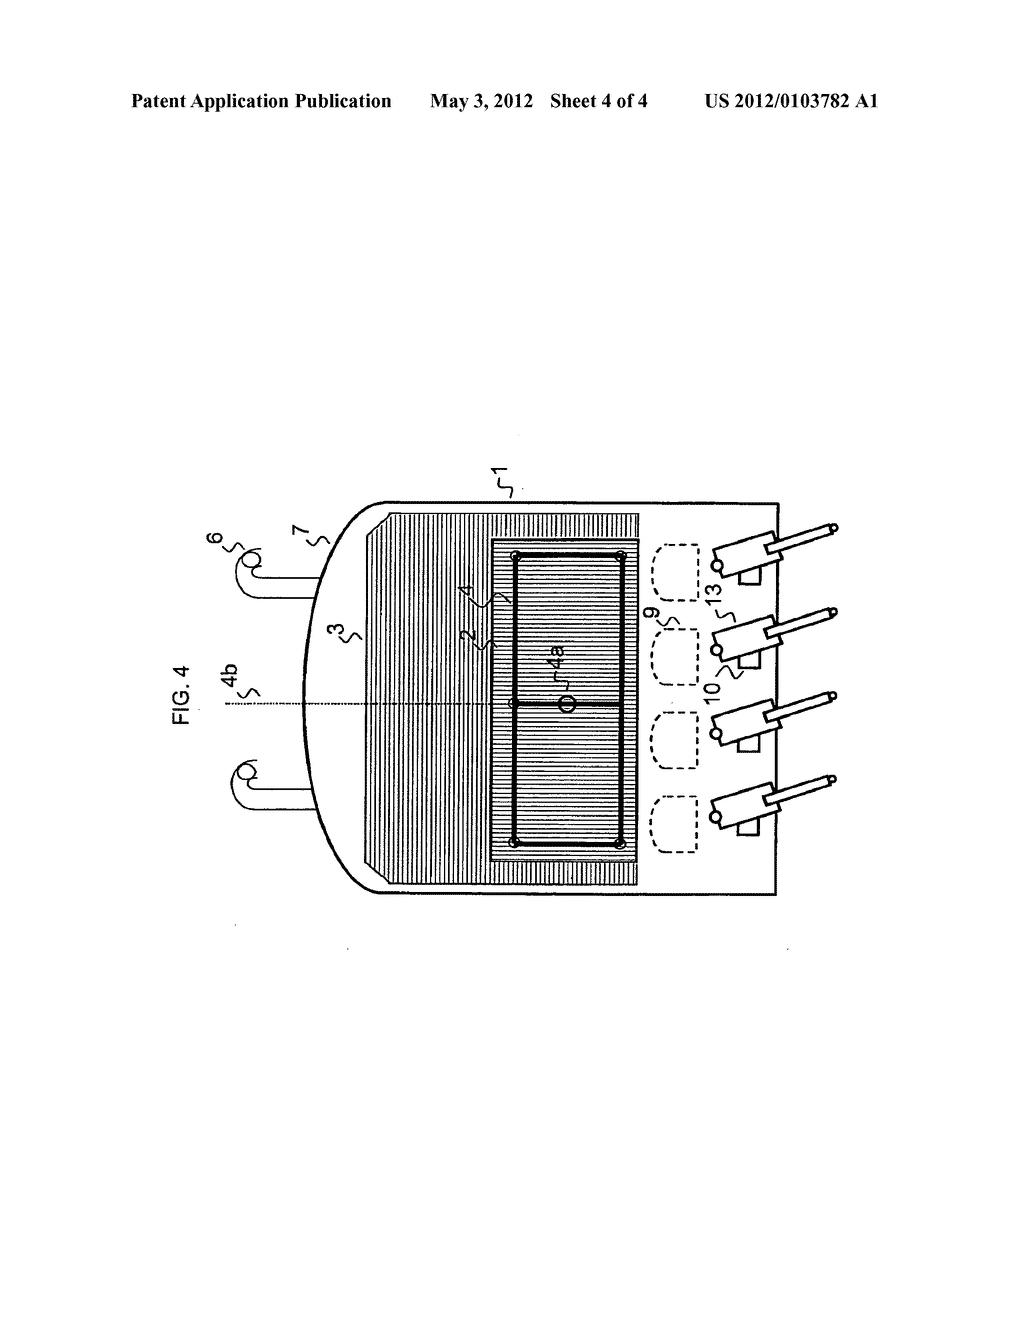 Refractory Oven Doors And Door Framing Walls Of A Schematic Coke Battery Diagram Image 05